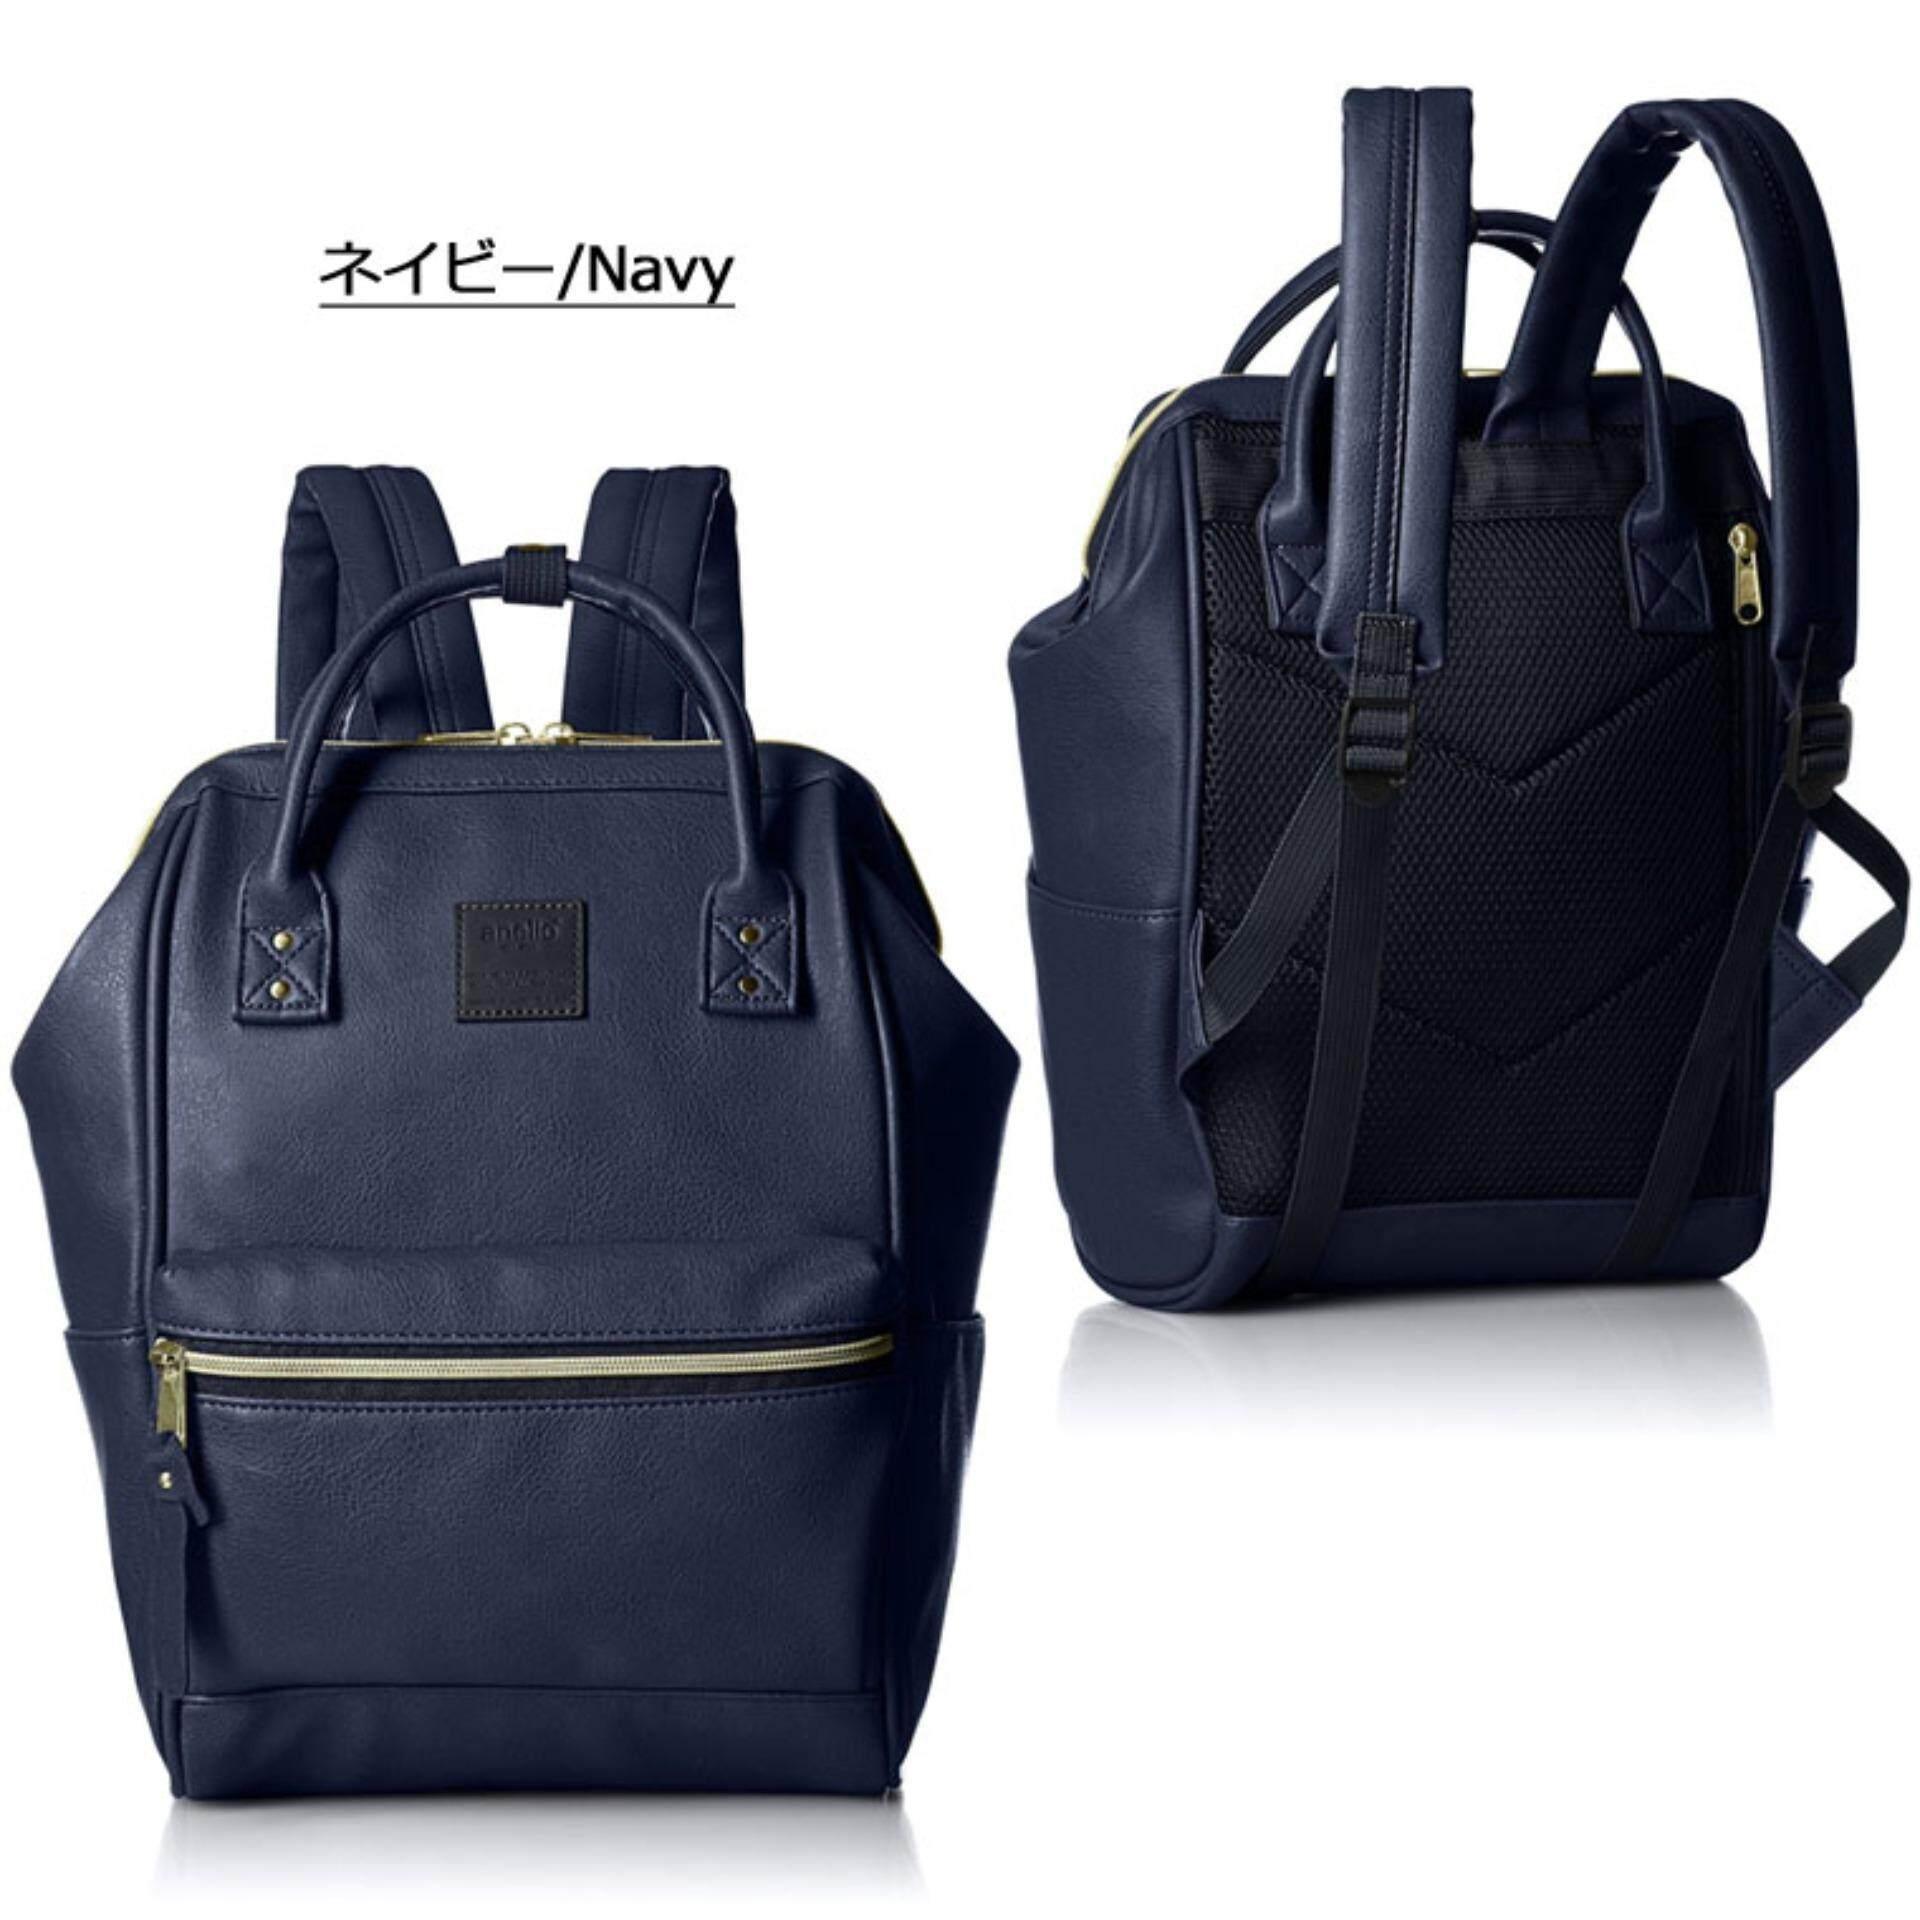 ยี่ห้อนี้ดีไหม  ปราจีนบุรี กระเป๋า Anello PU Backpack (Classic Size) Navy - Japan Imported 100%